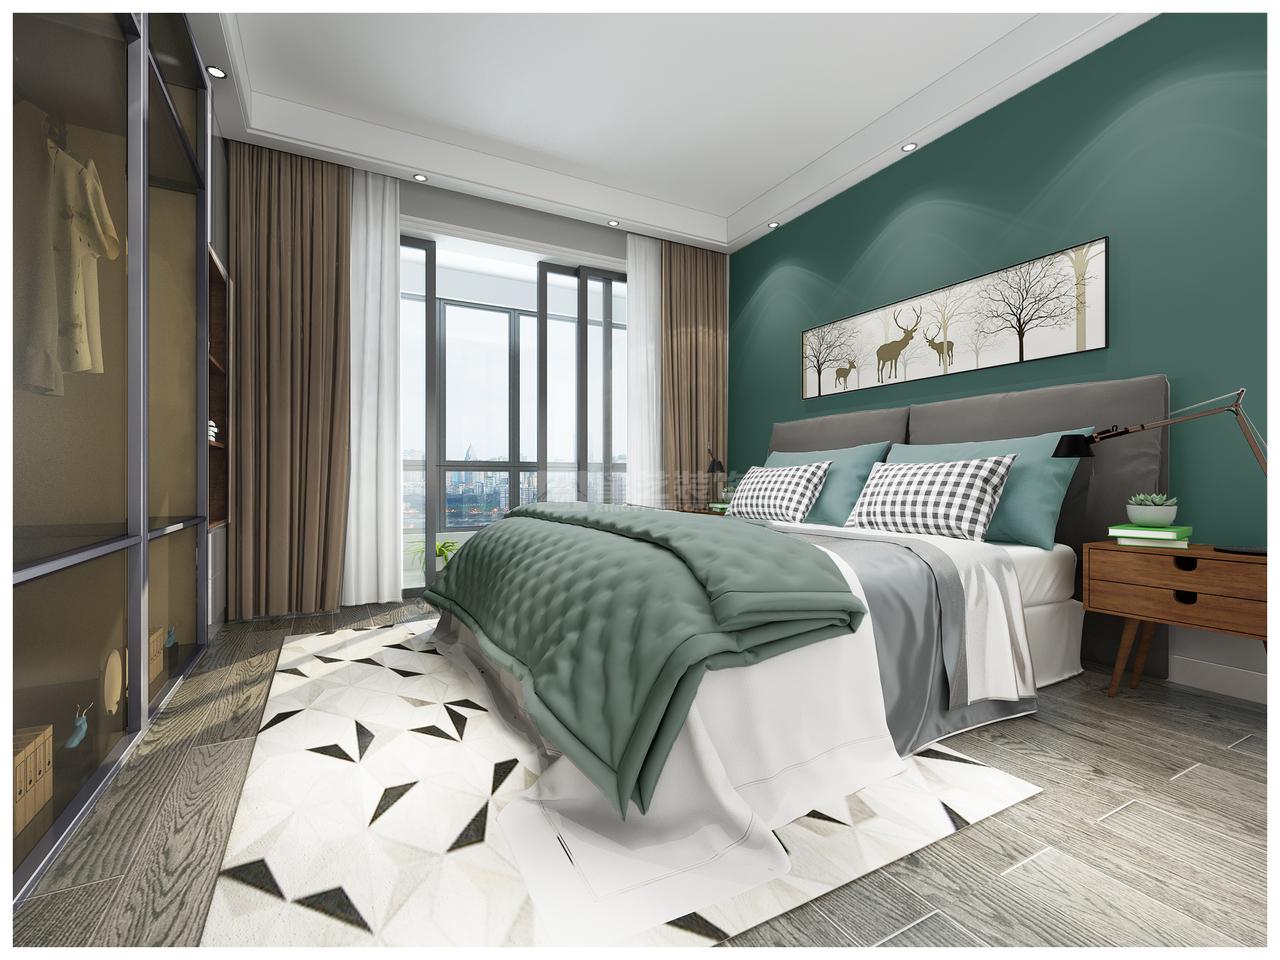 中铁国际城水岸南山其他,其他,单身公寓,126.0㎡